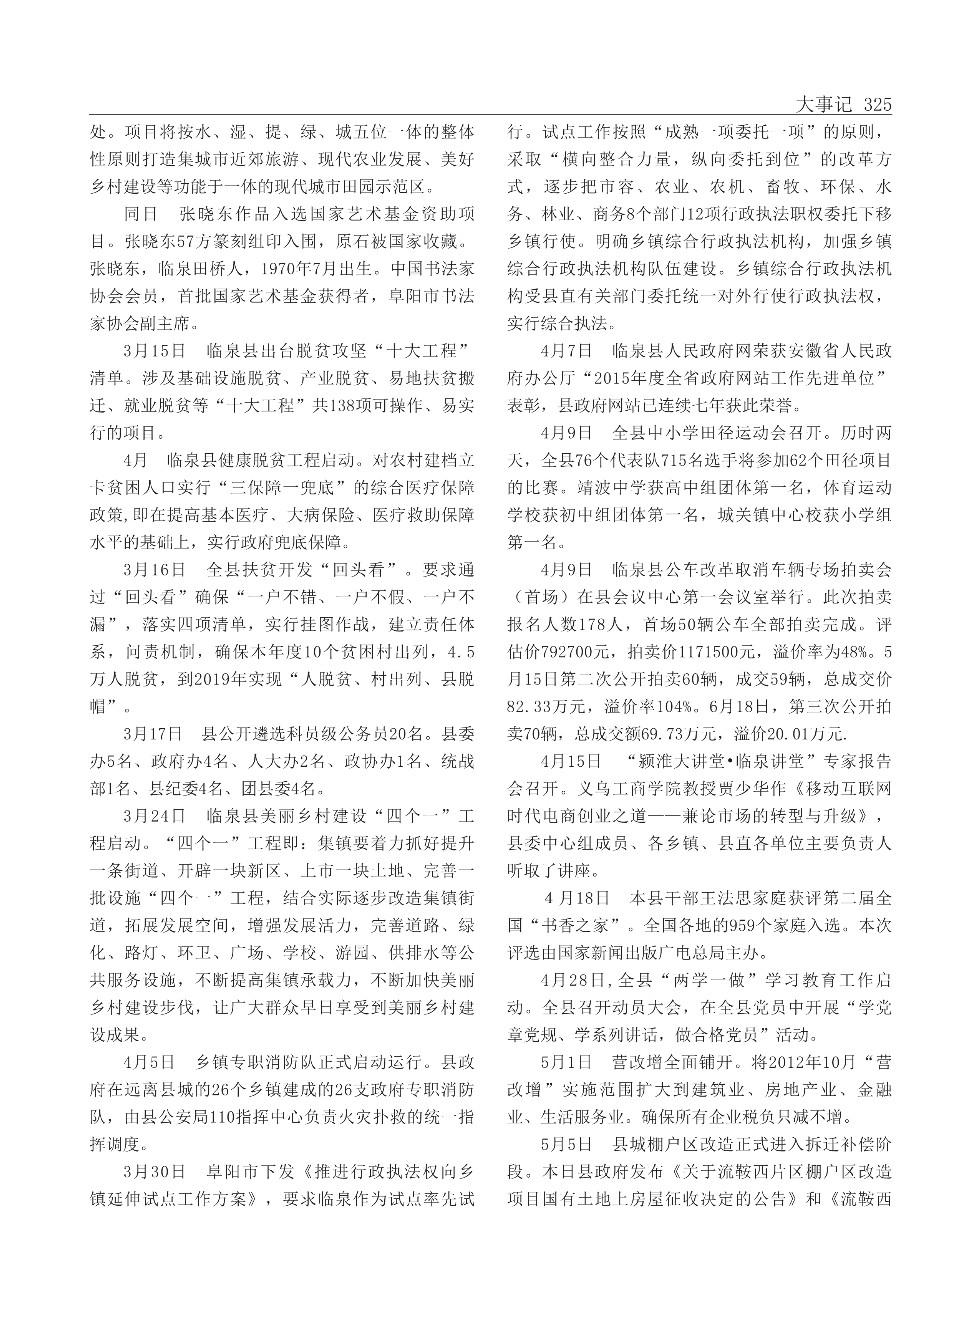 2017彩票360湖北快三基本走势图_368.jpg